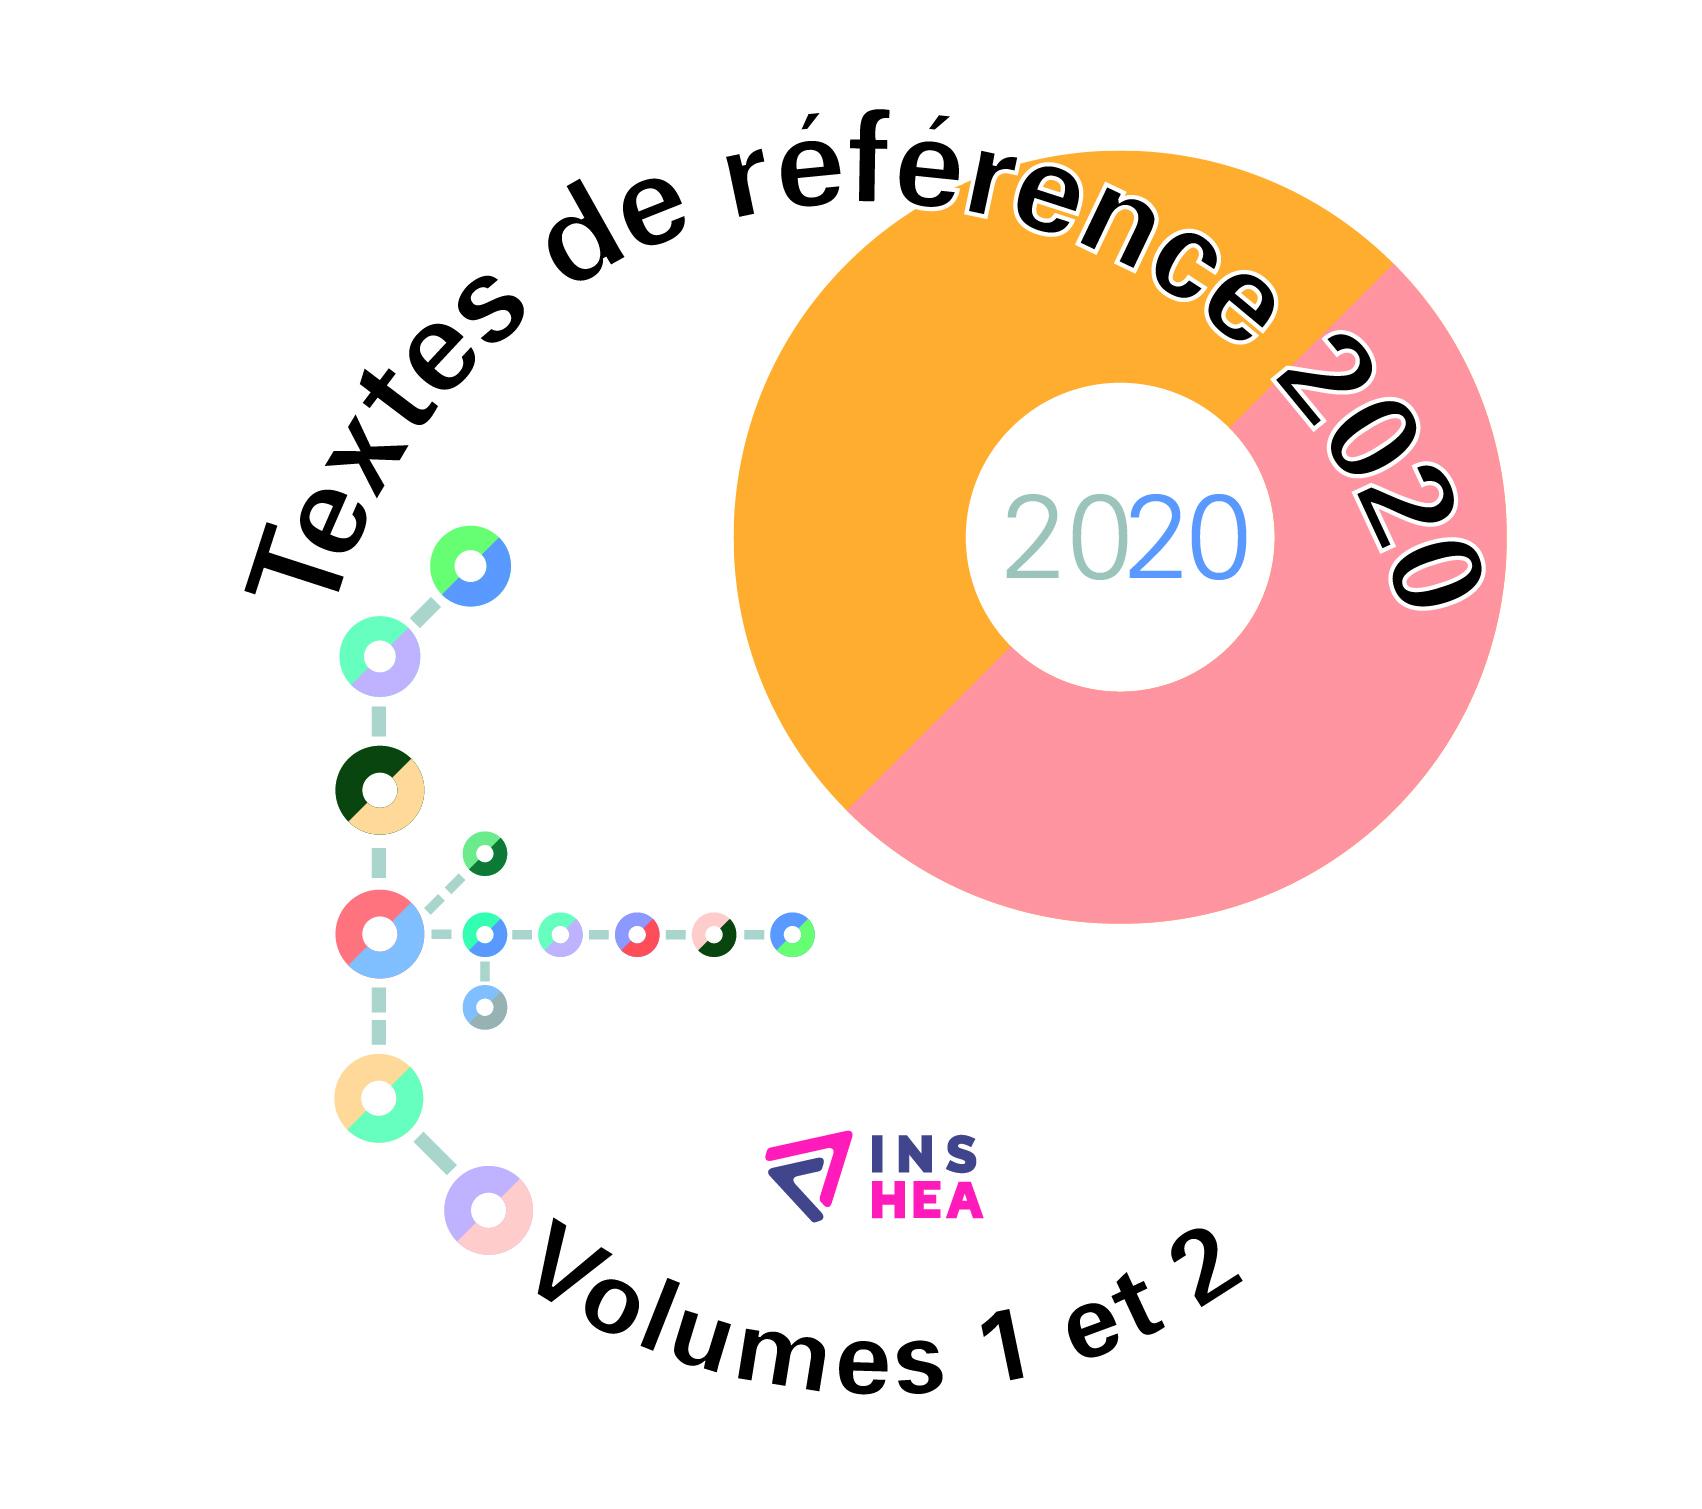 Jaquette du cédérom des textes de référence 2020